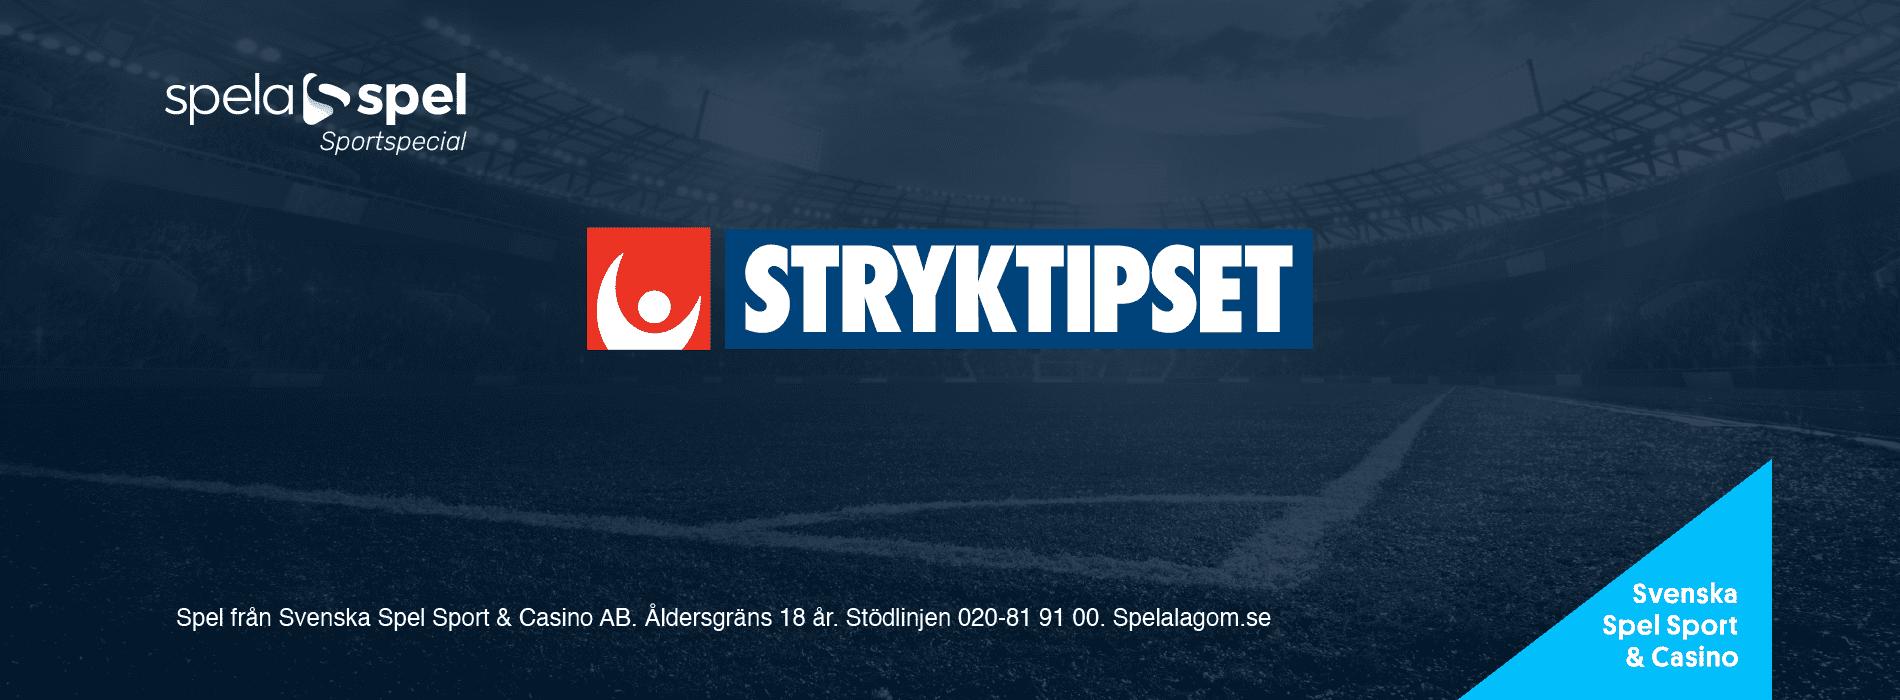 Stryktipset Svenska spel